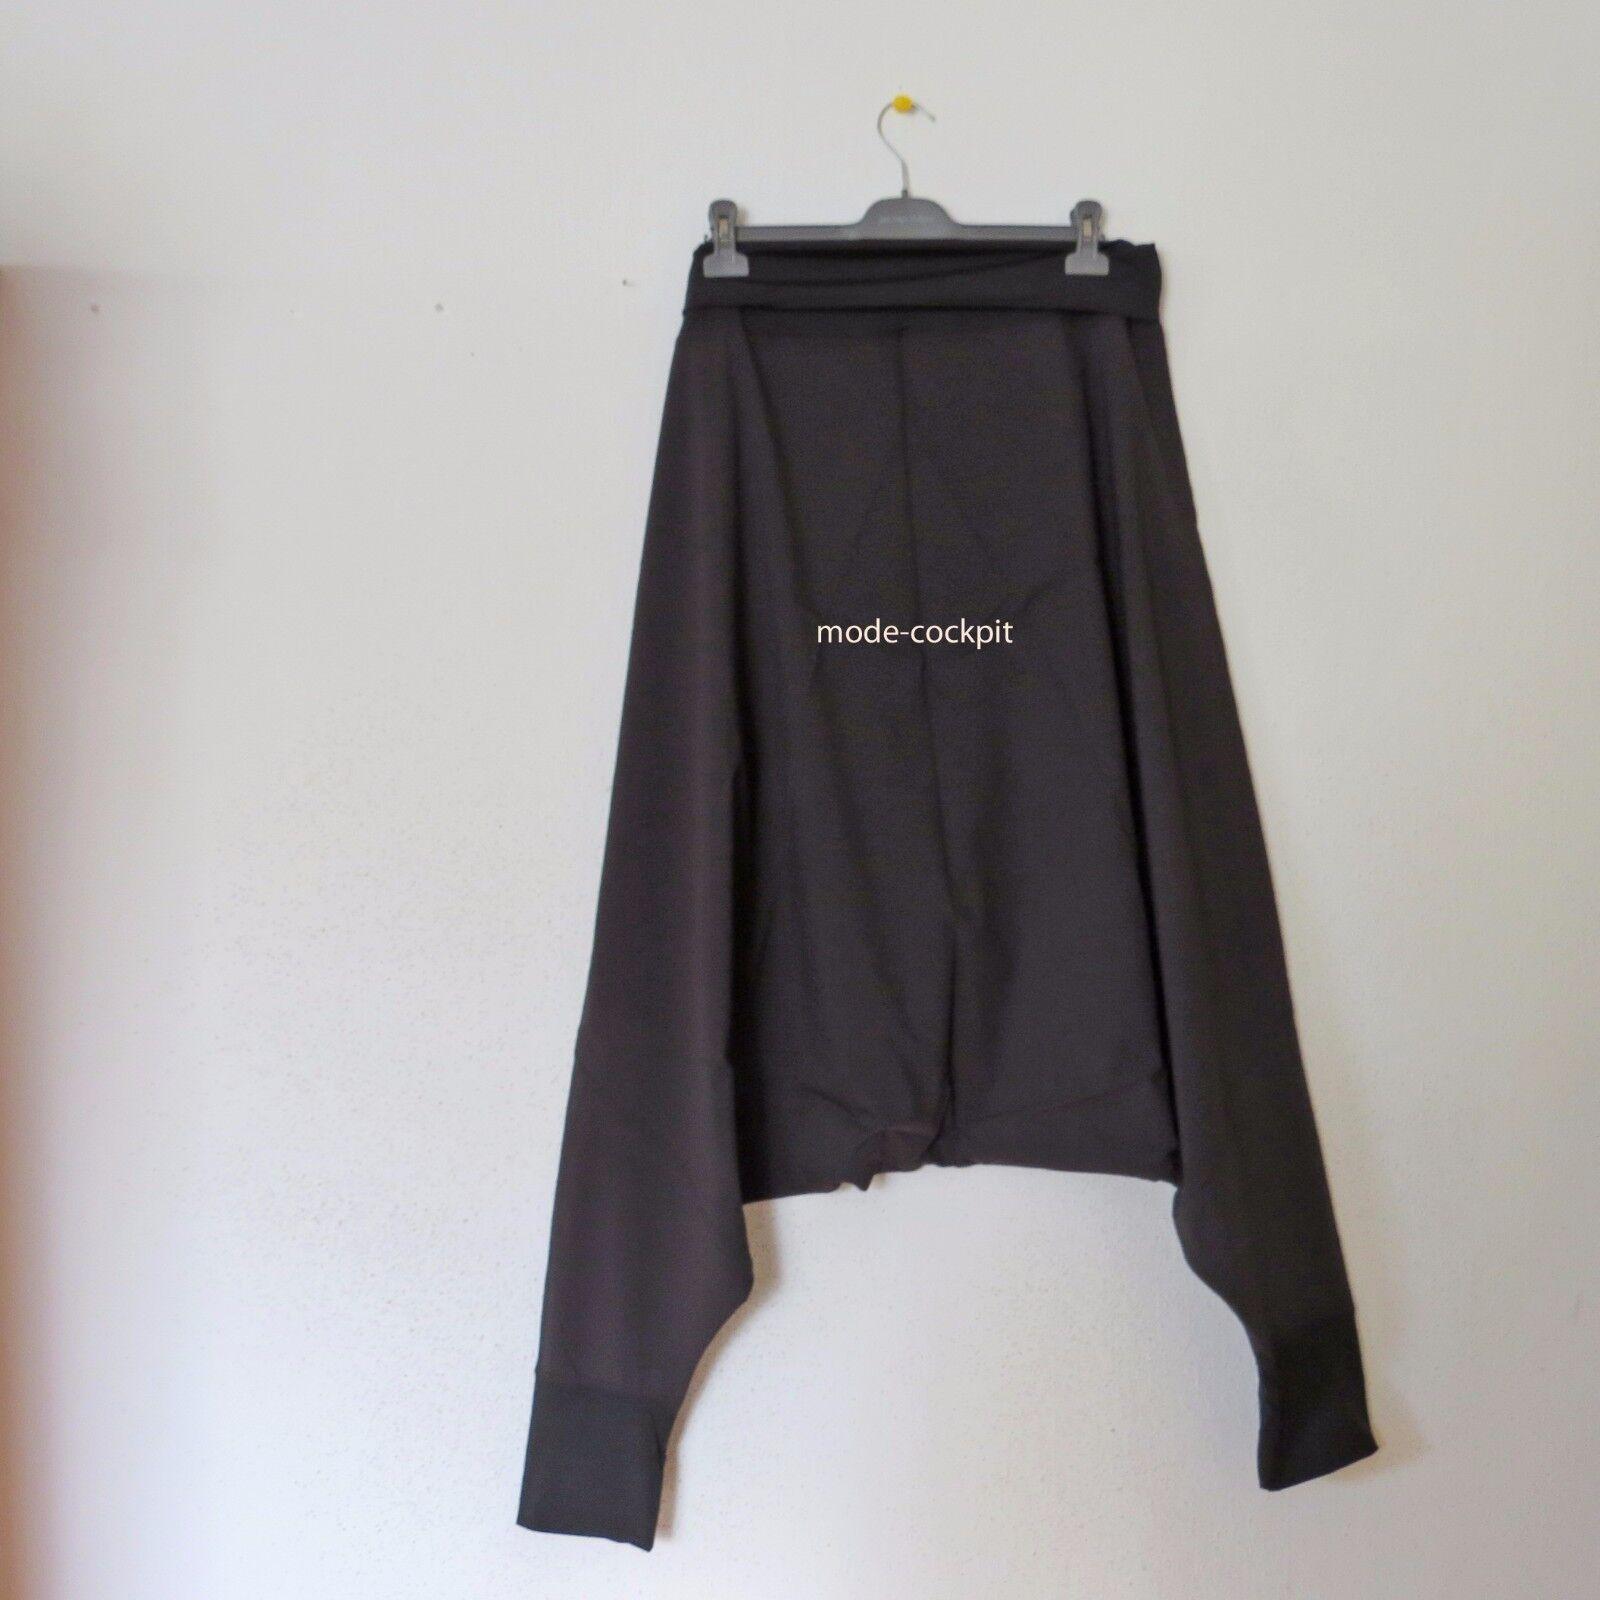 BORIS INDUSTRIES süße Haremshose Lagenlook schwarz 52-54 (5)   Bestellungen Sind Willkommen    Hohe Qualität und Wirtschaftlichkeit